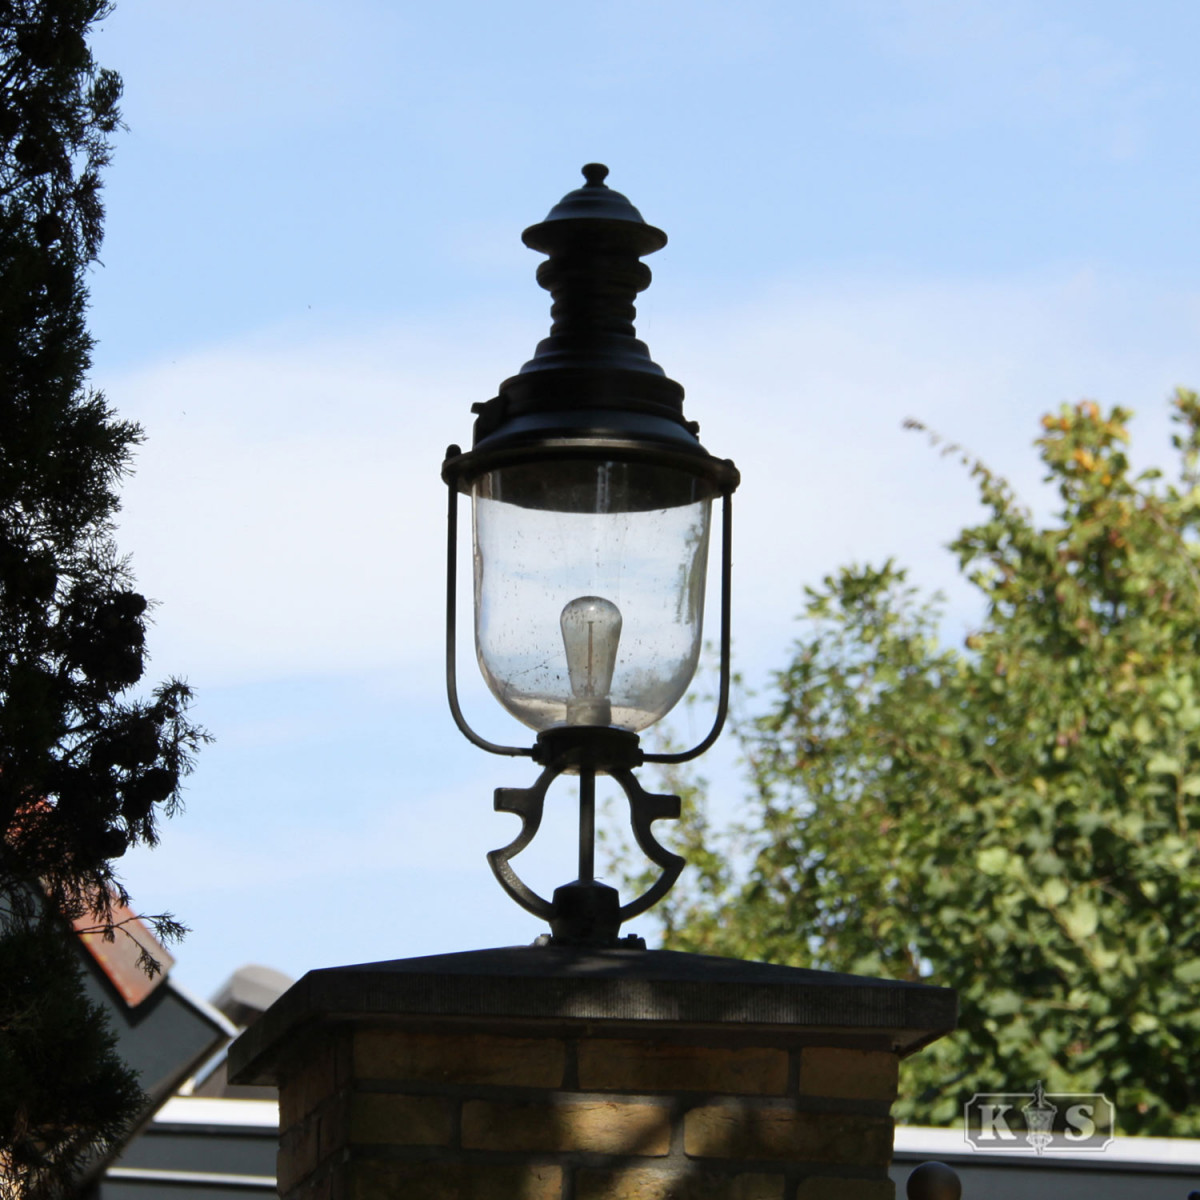 Kempten Brons (7239) - KS Verlichting - Buitenverlichting Brons Koper